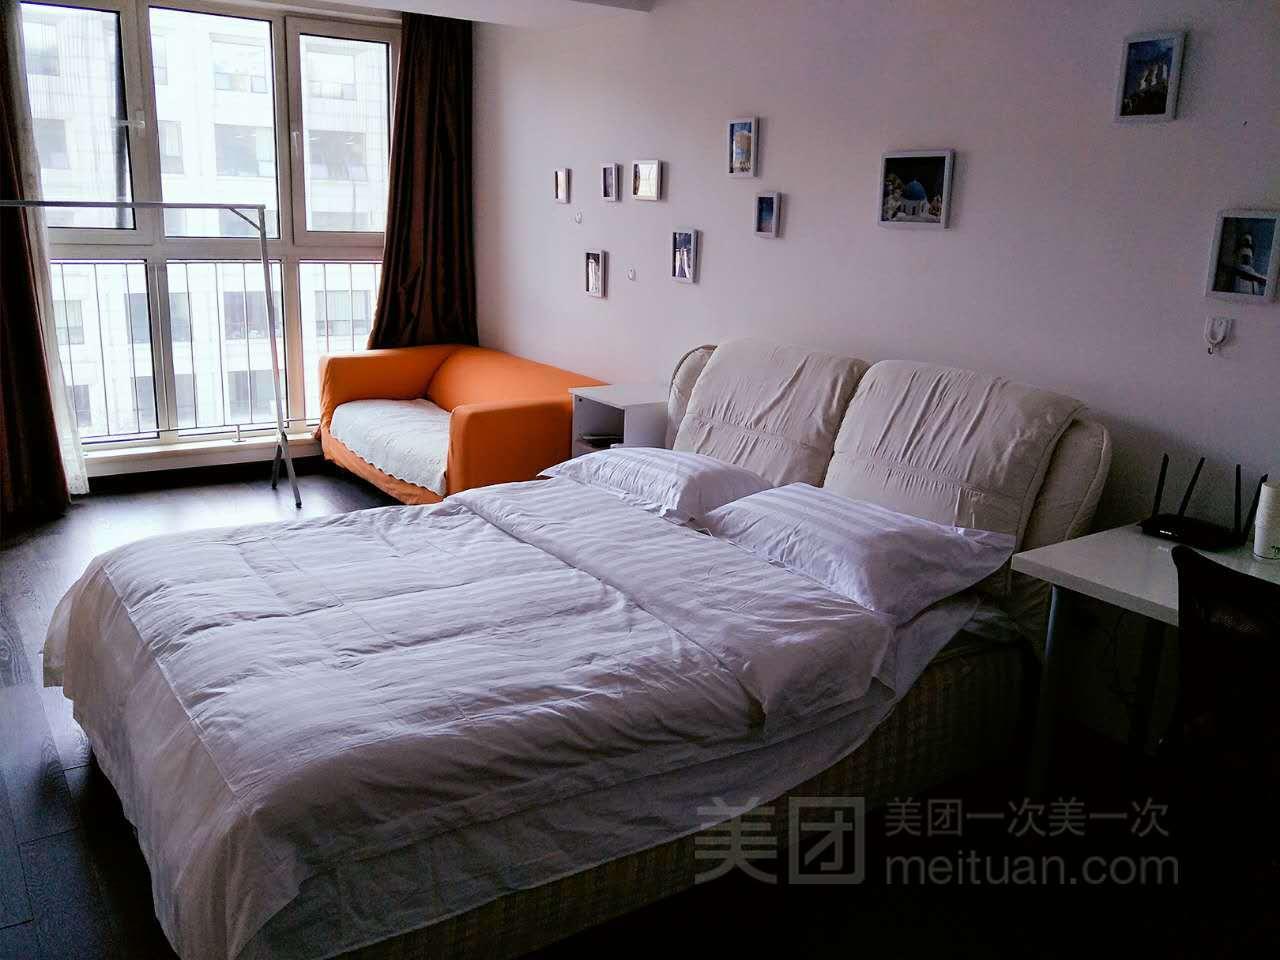 集美家酒店式公寓(天作国际店)预订/团购